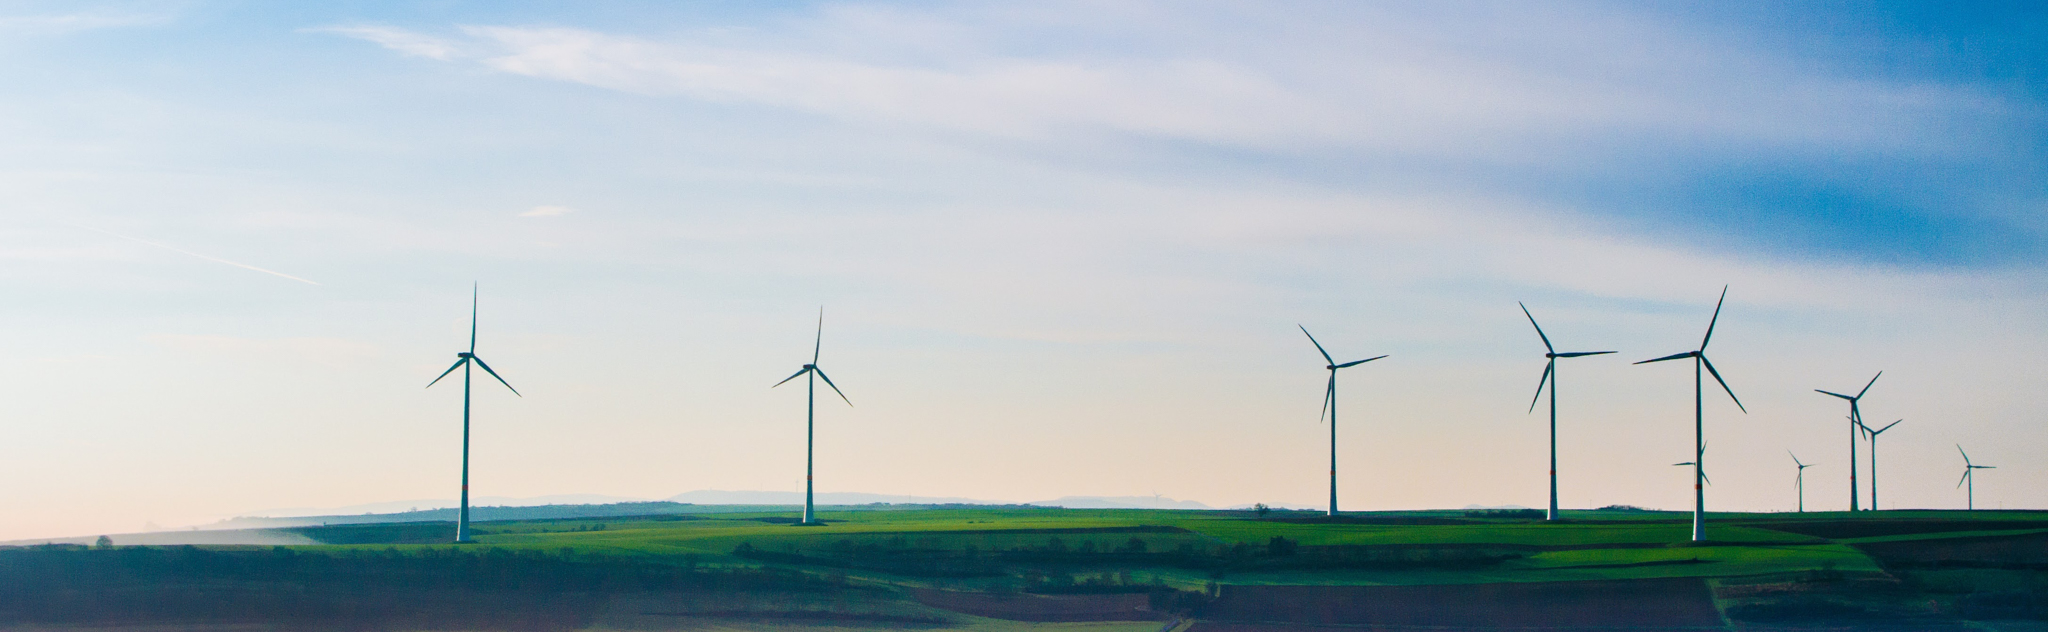 Windpower2